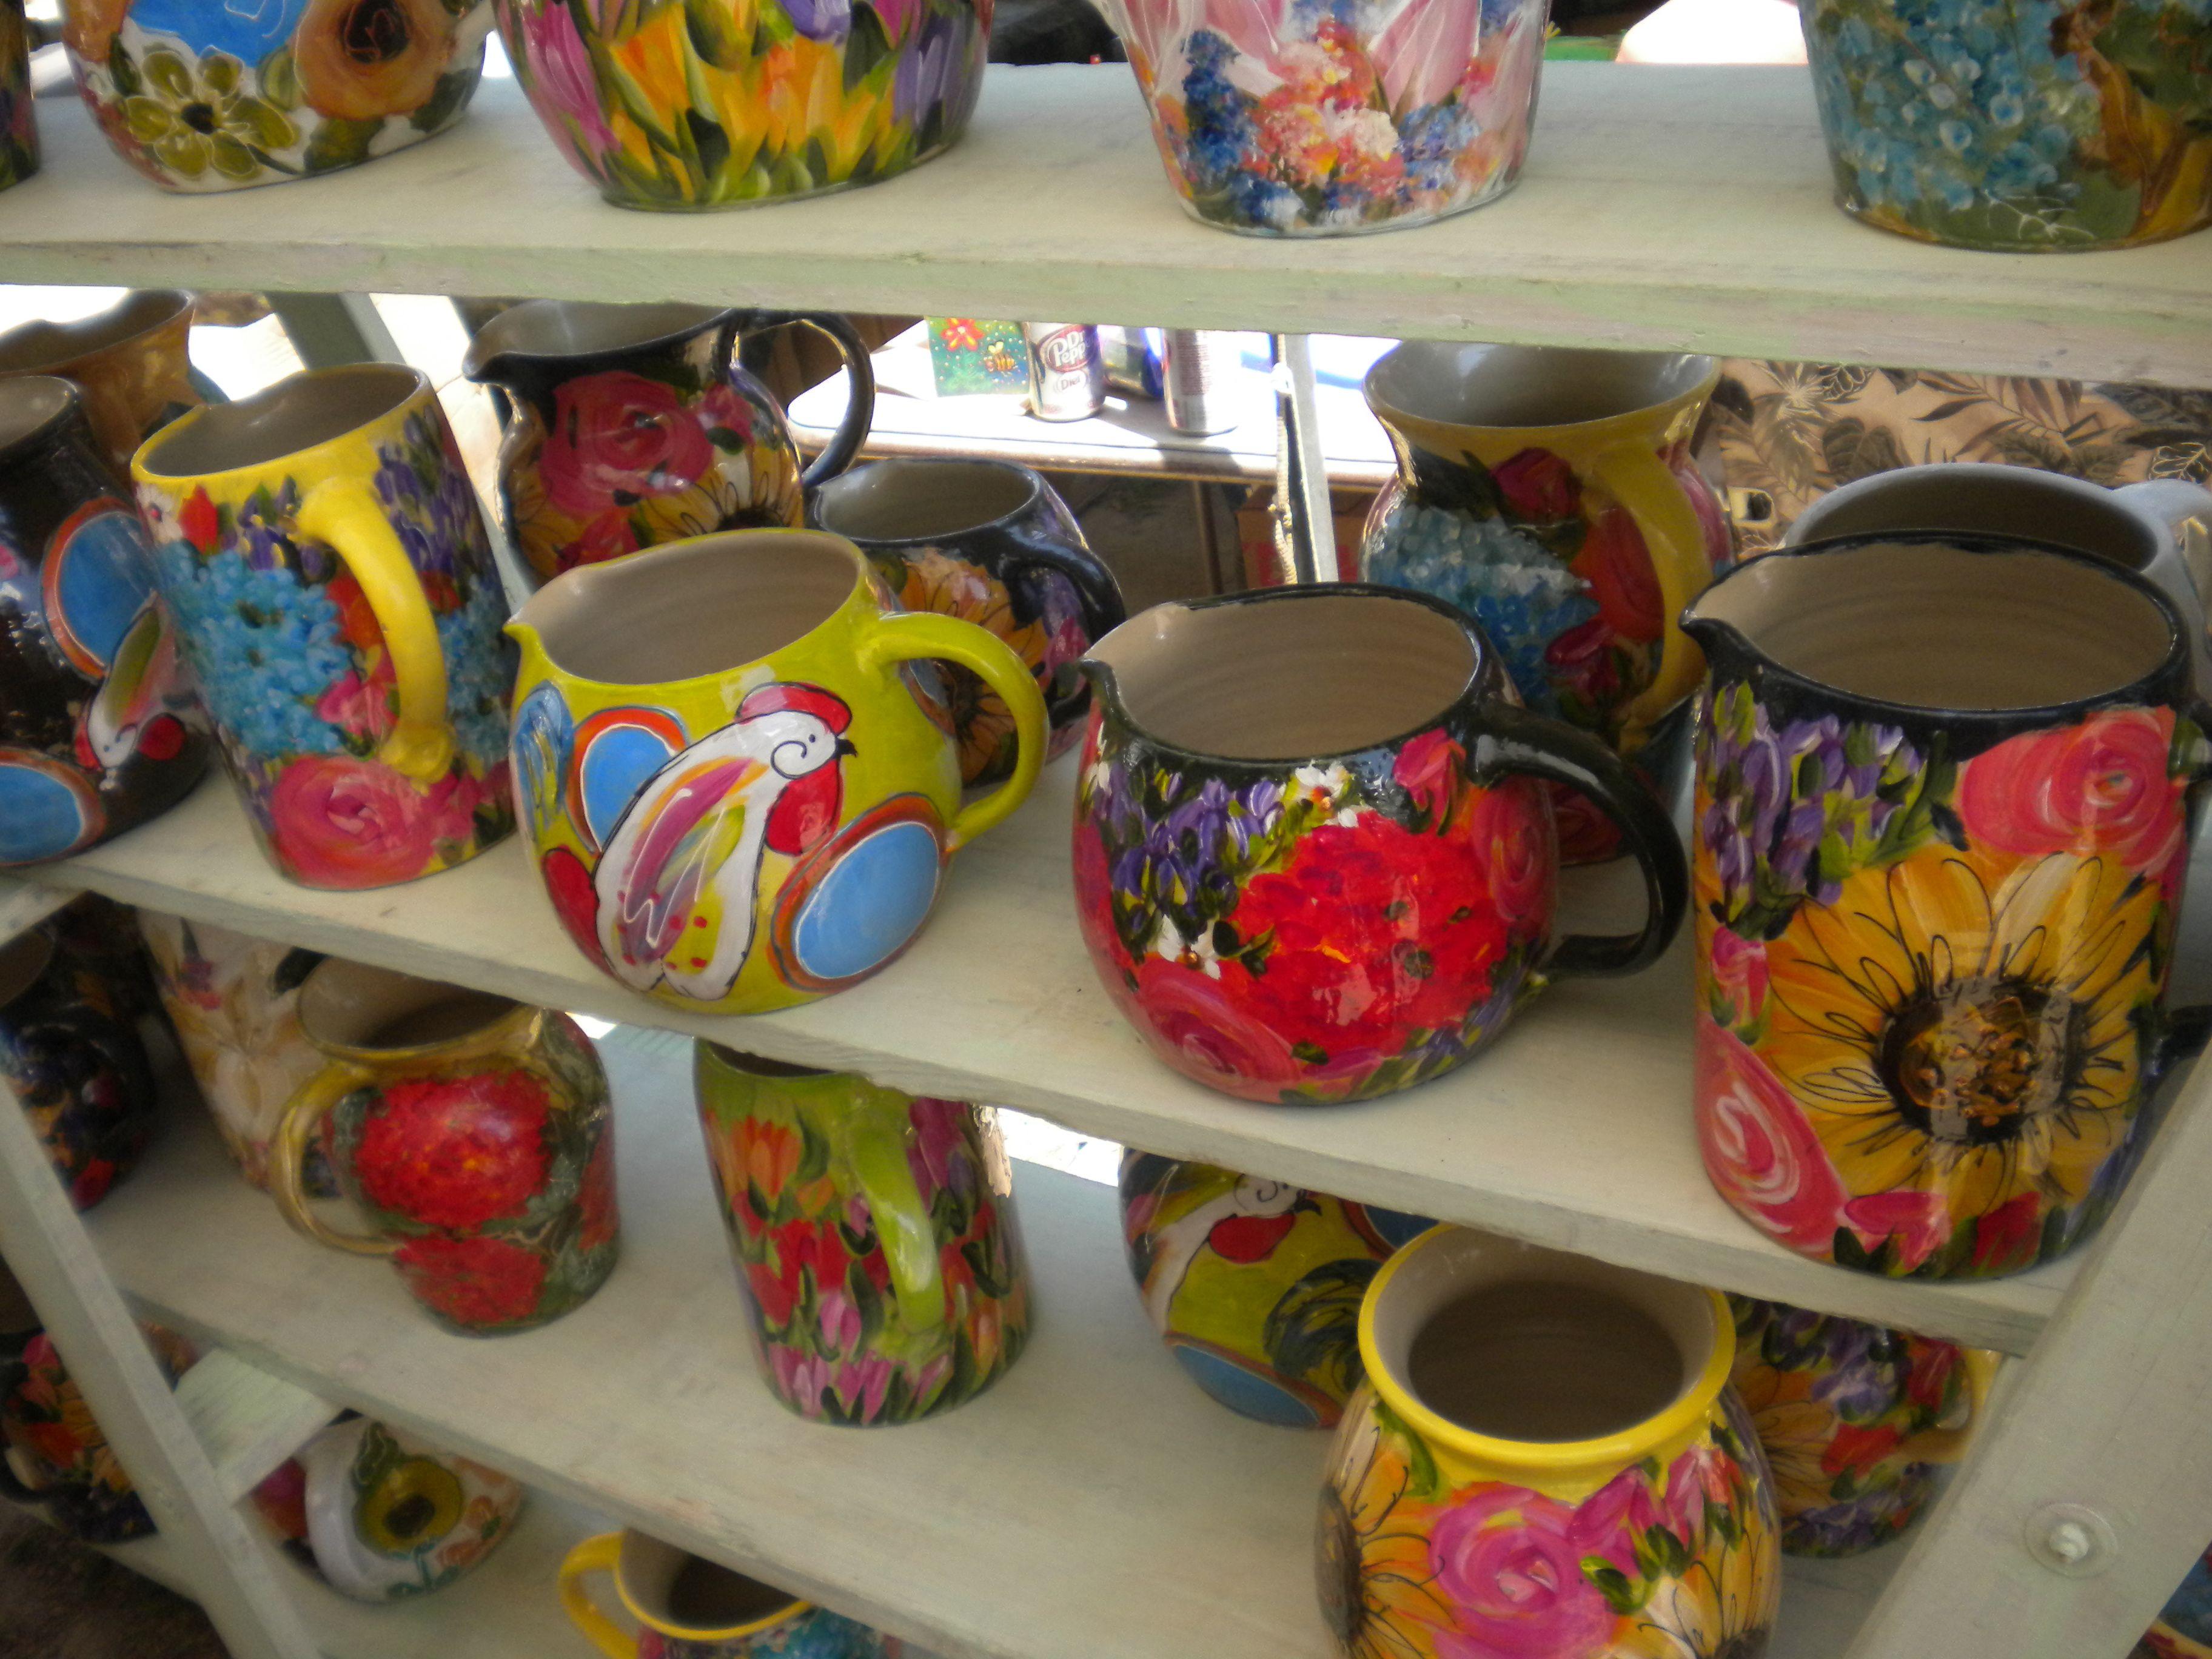 Canton flea market may 2011 beautifully painted pots